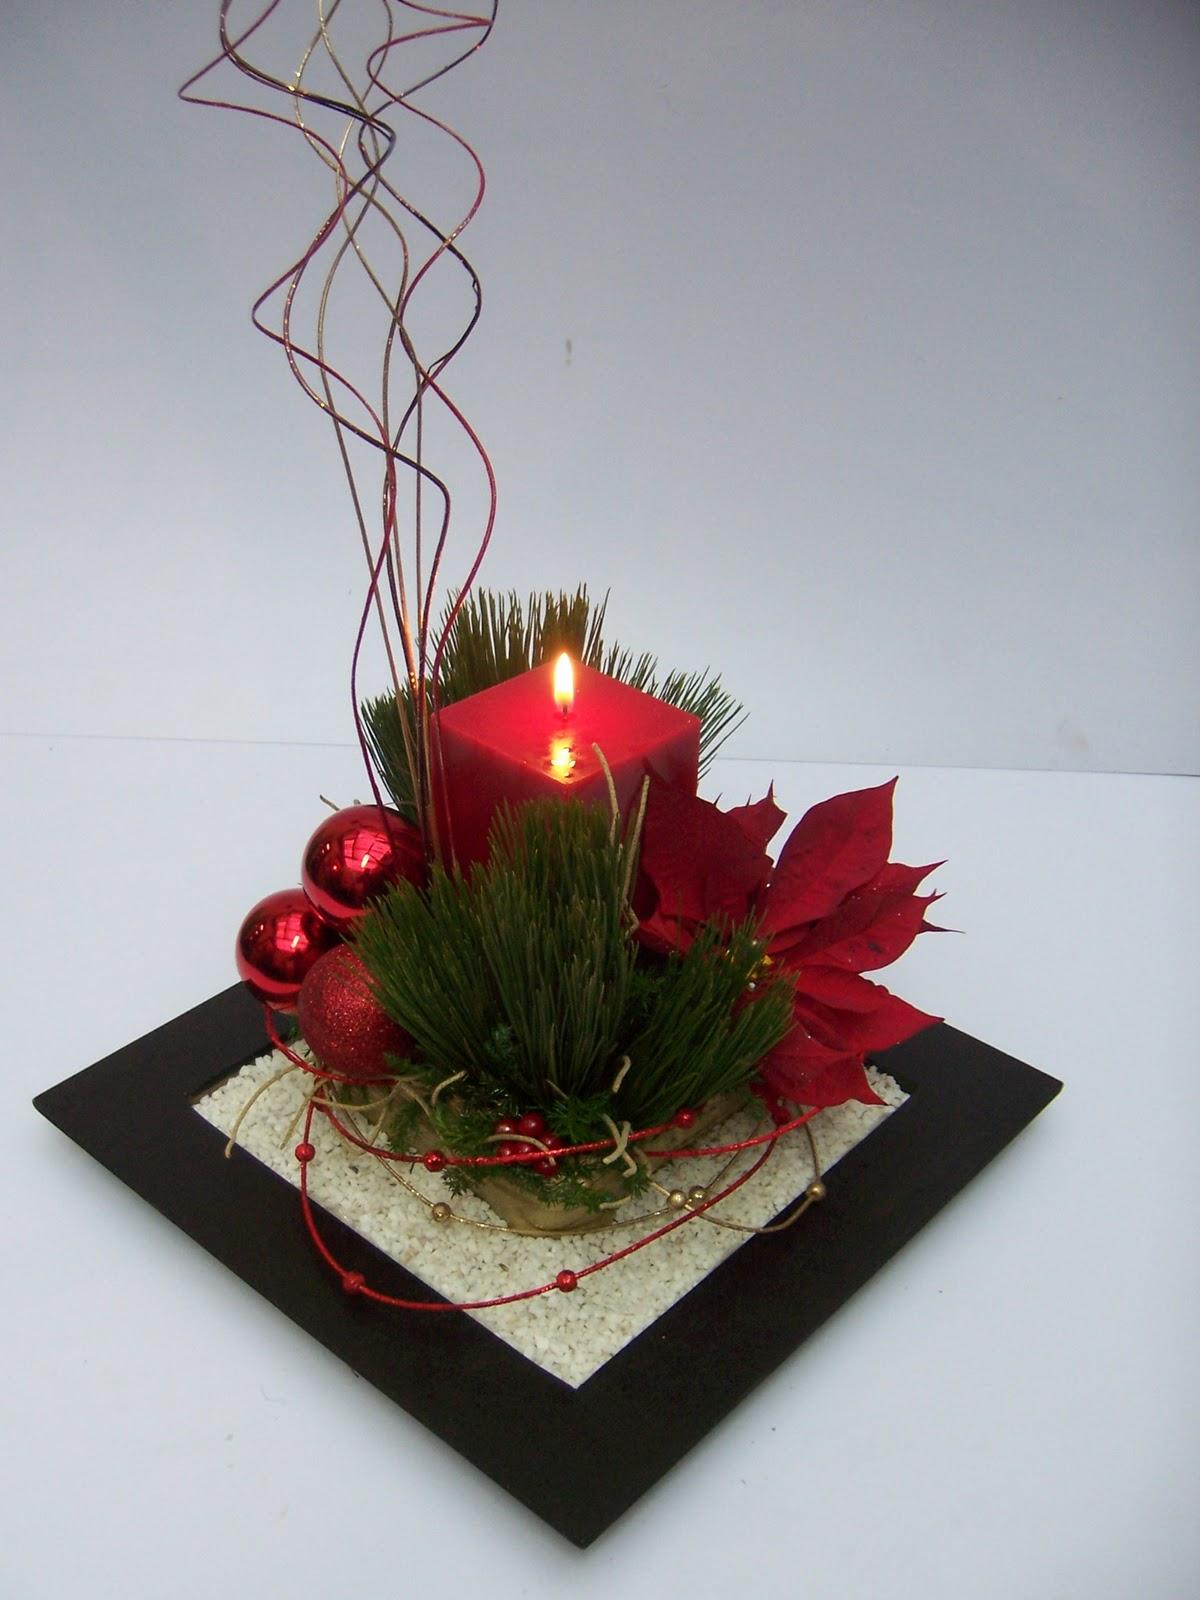 Centro mesa alargado con velas rojas para navidad pictures - Mesa de navidad ...